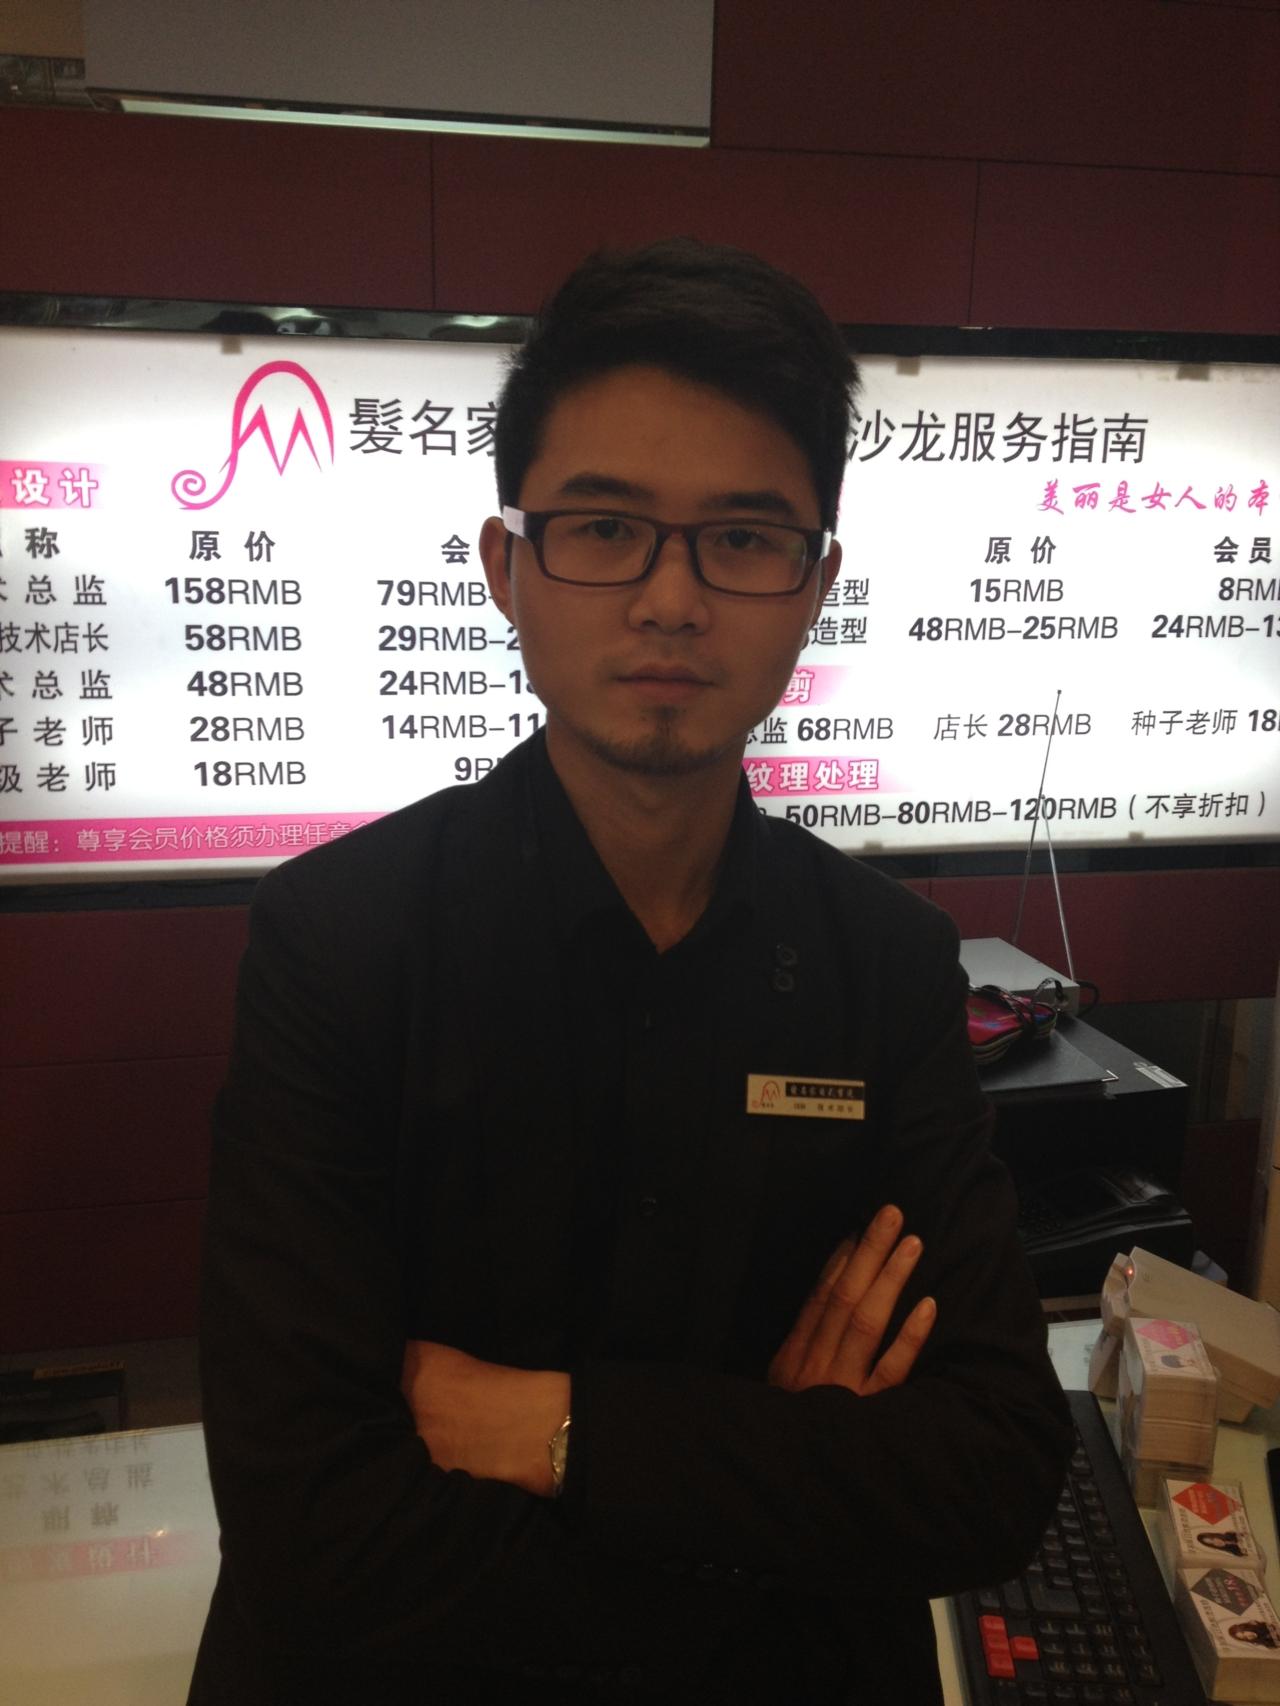 王顺-总店种子老师